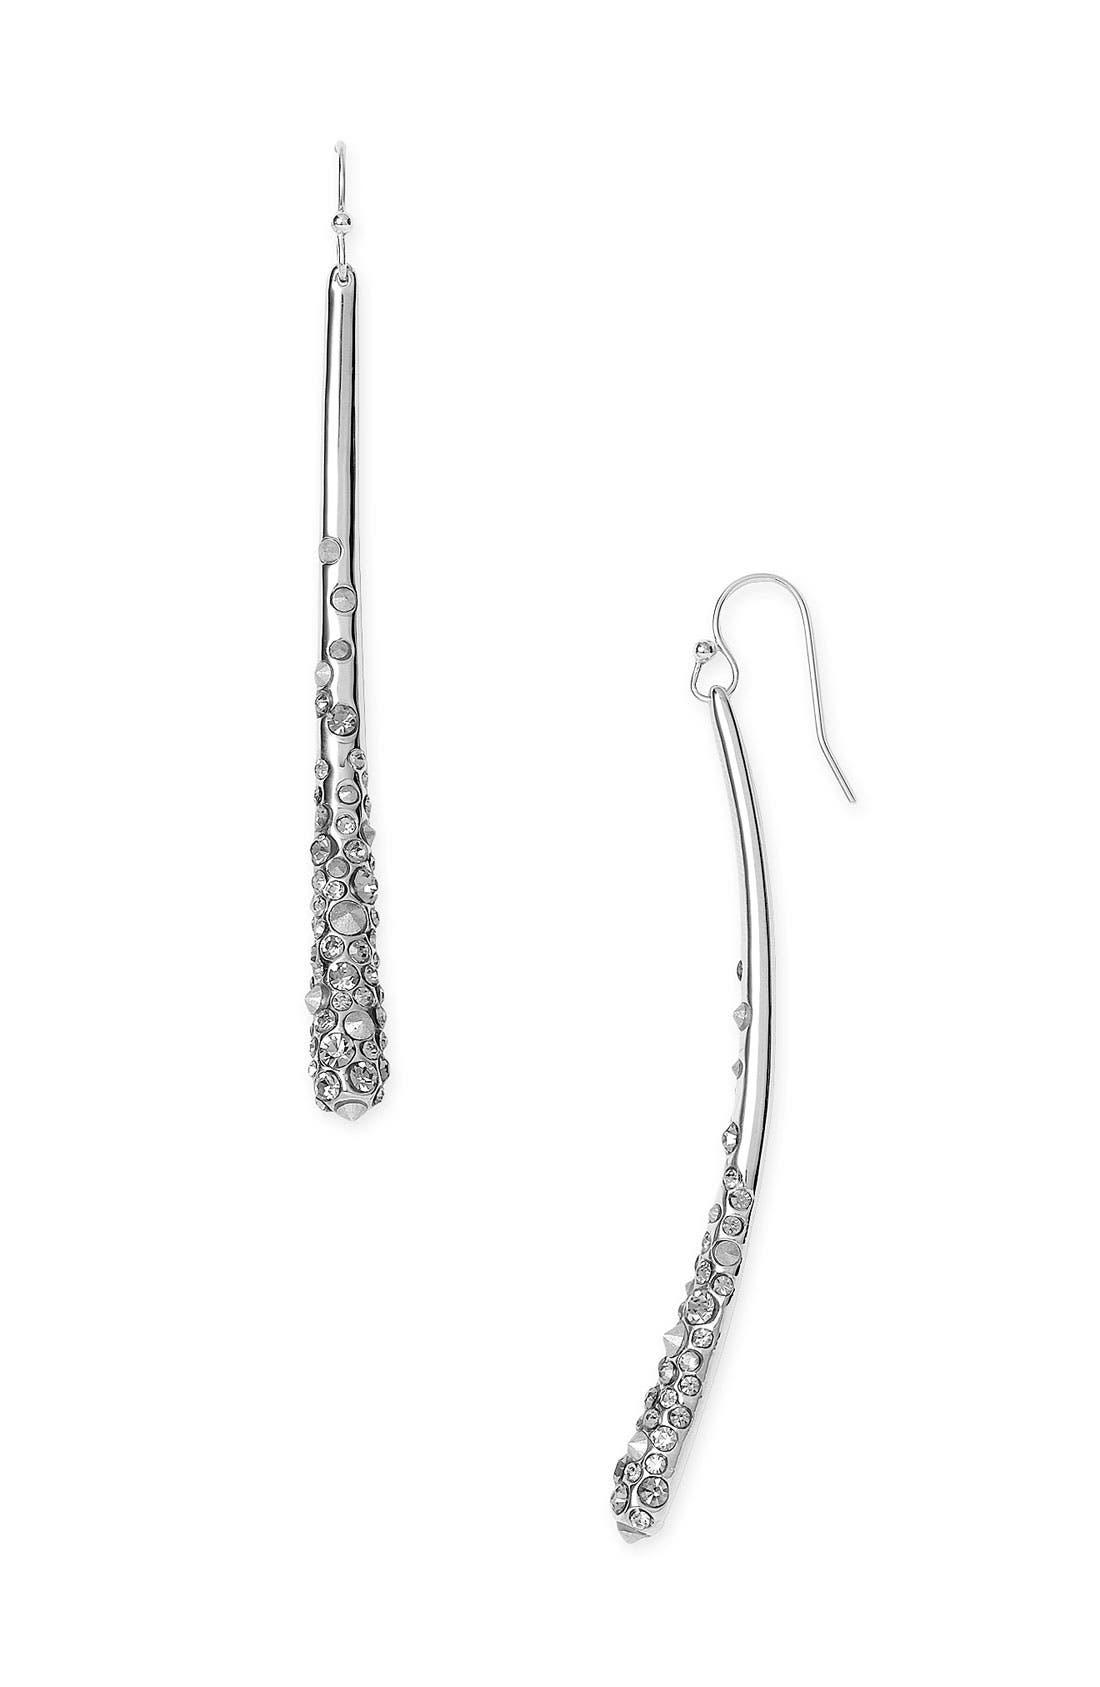 Main Image - Alexis Bittar 'Miss Havisham' Crystal Encrusted Earrings (Nordstrom Exclusive)